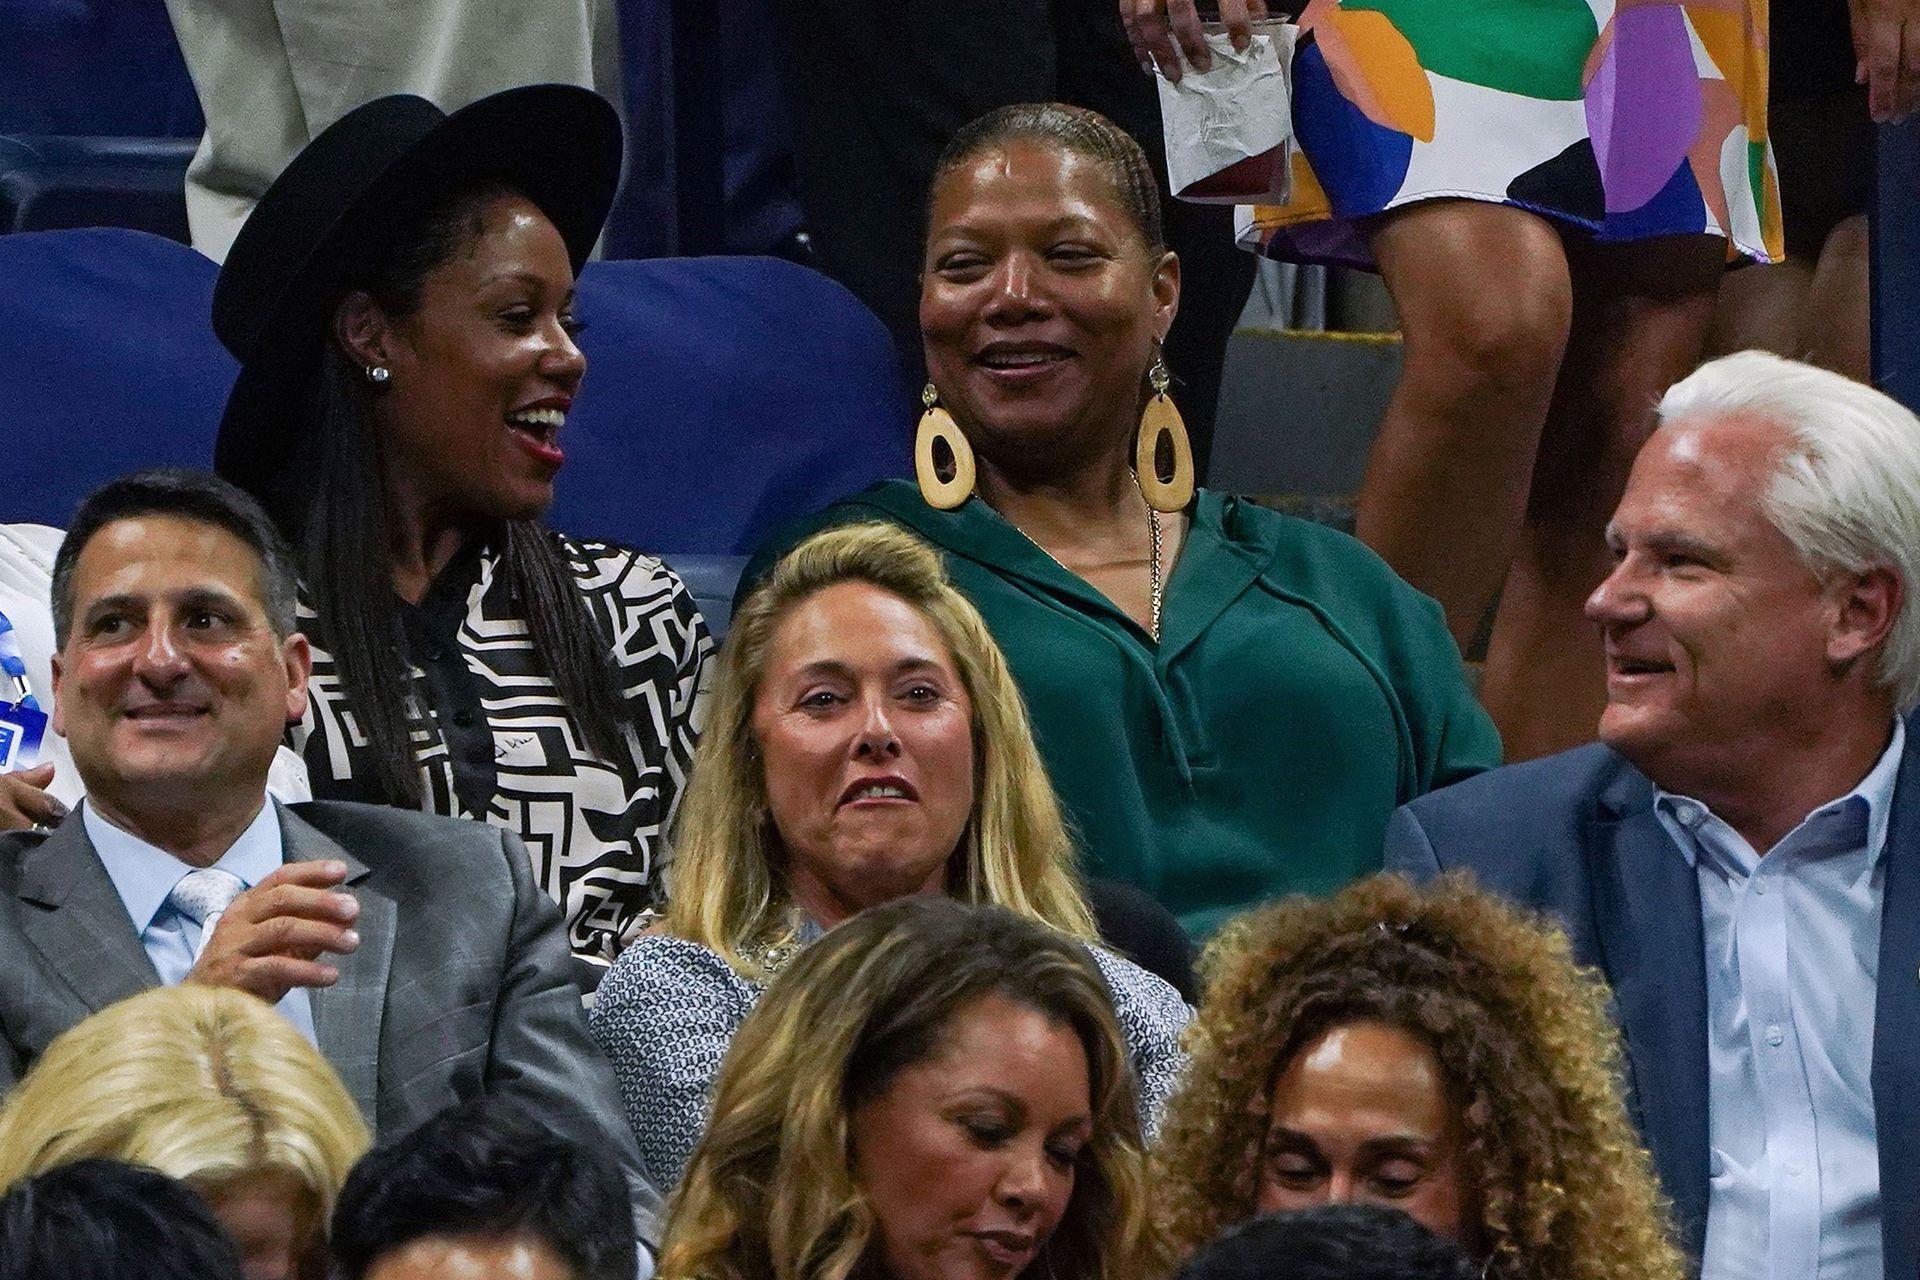 ¡Vamos Serena! La actriz Queen Latifah también estuvo presente en el partido que jugó Williams vs la tenista china Qianq Wang